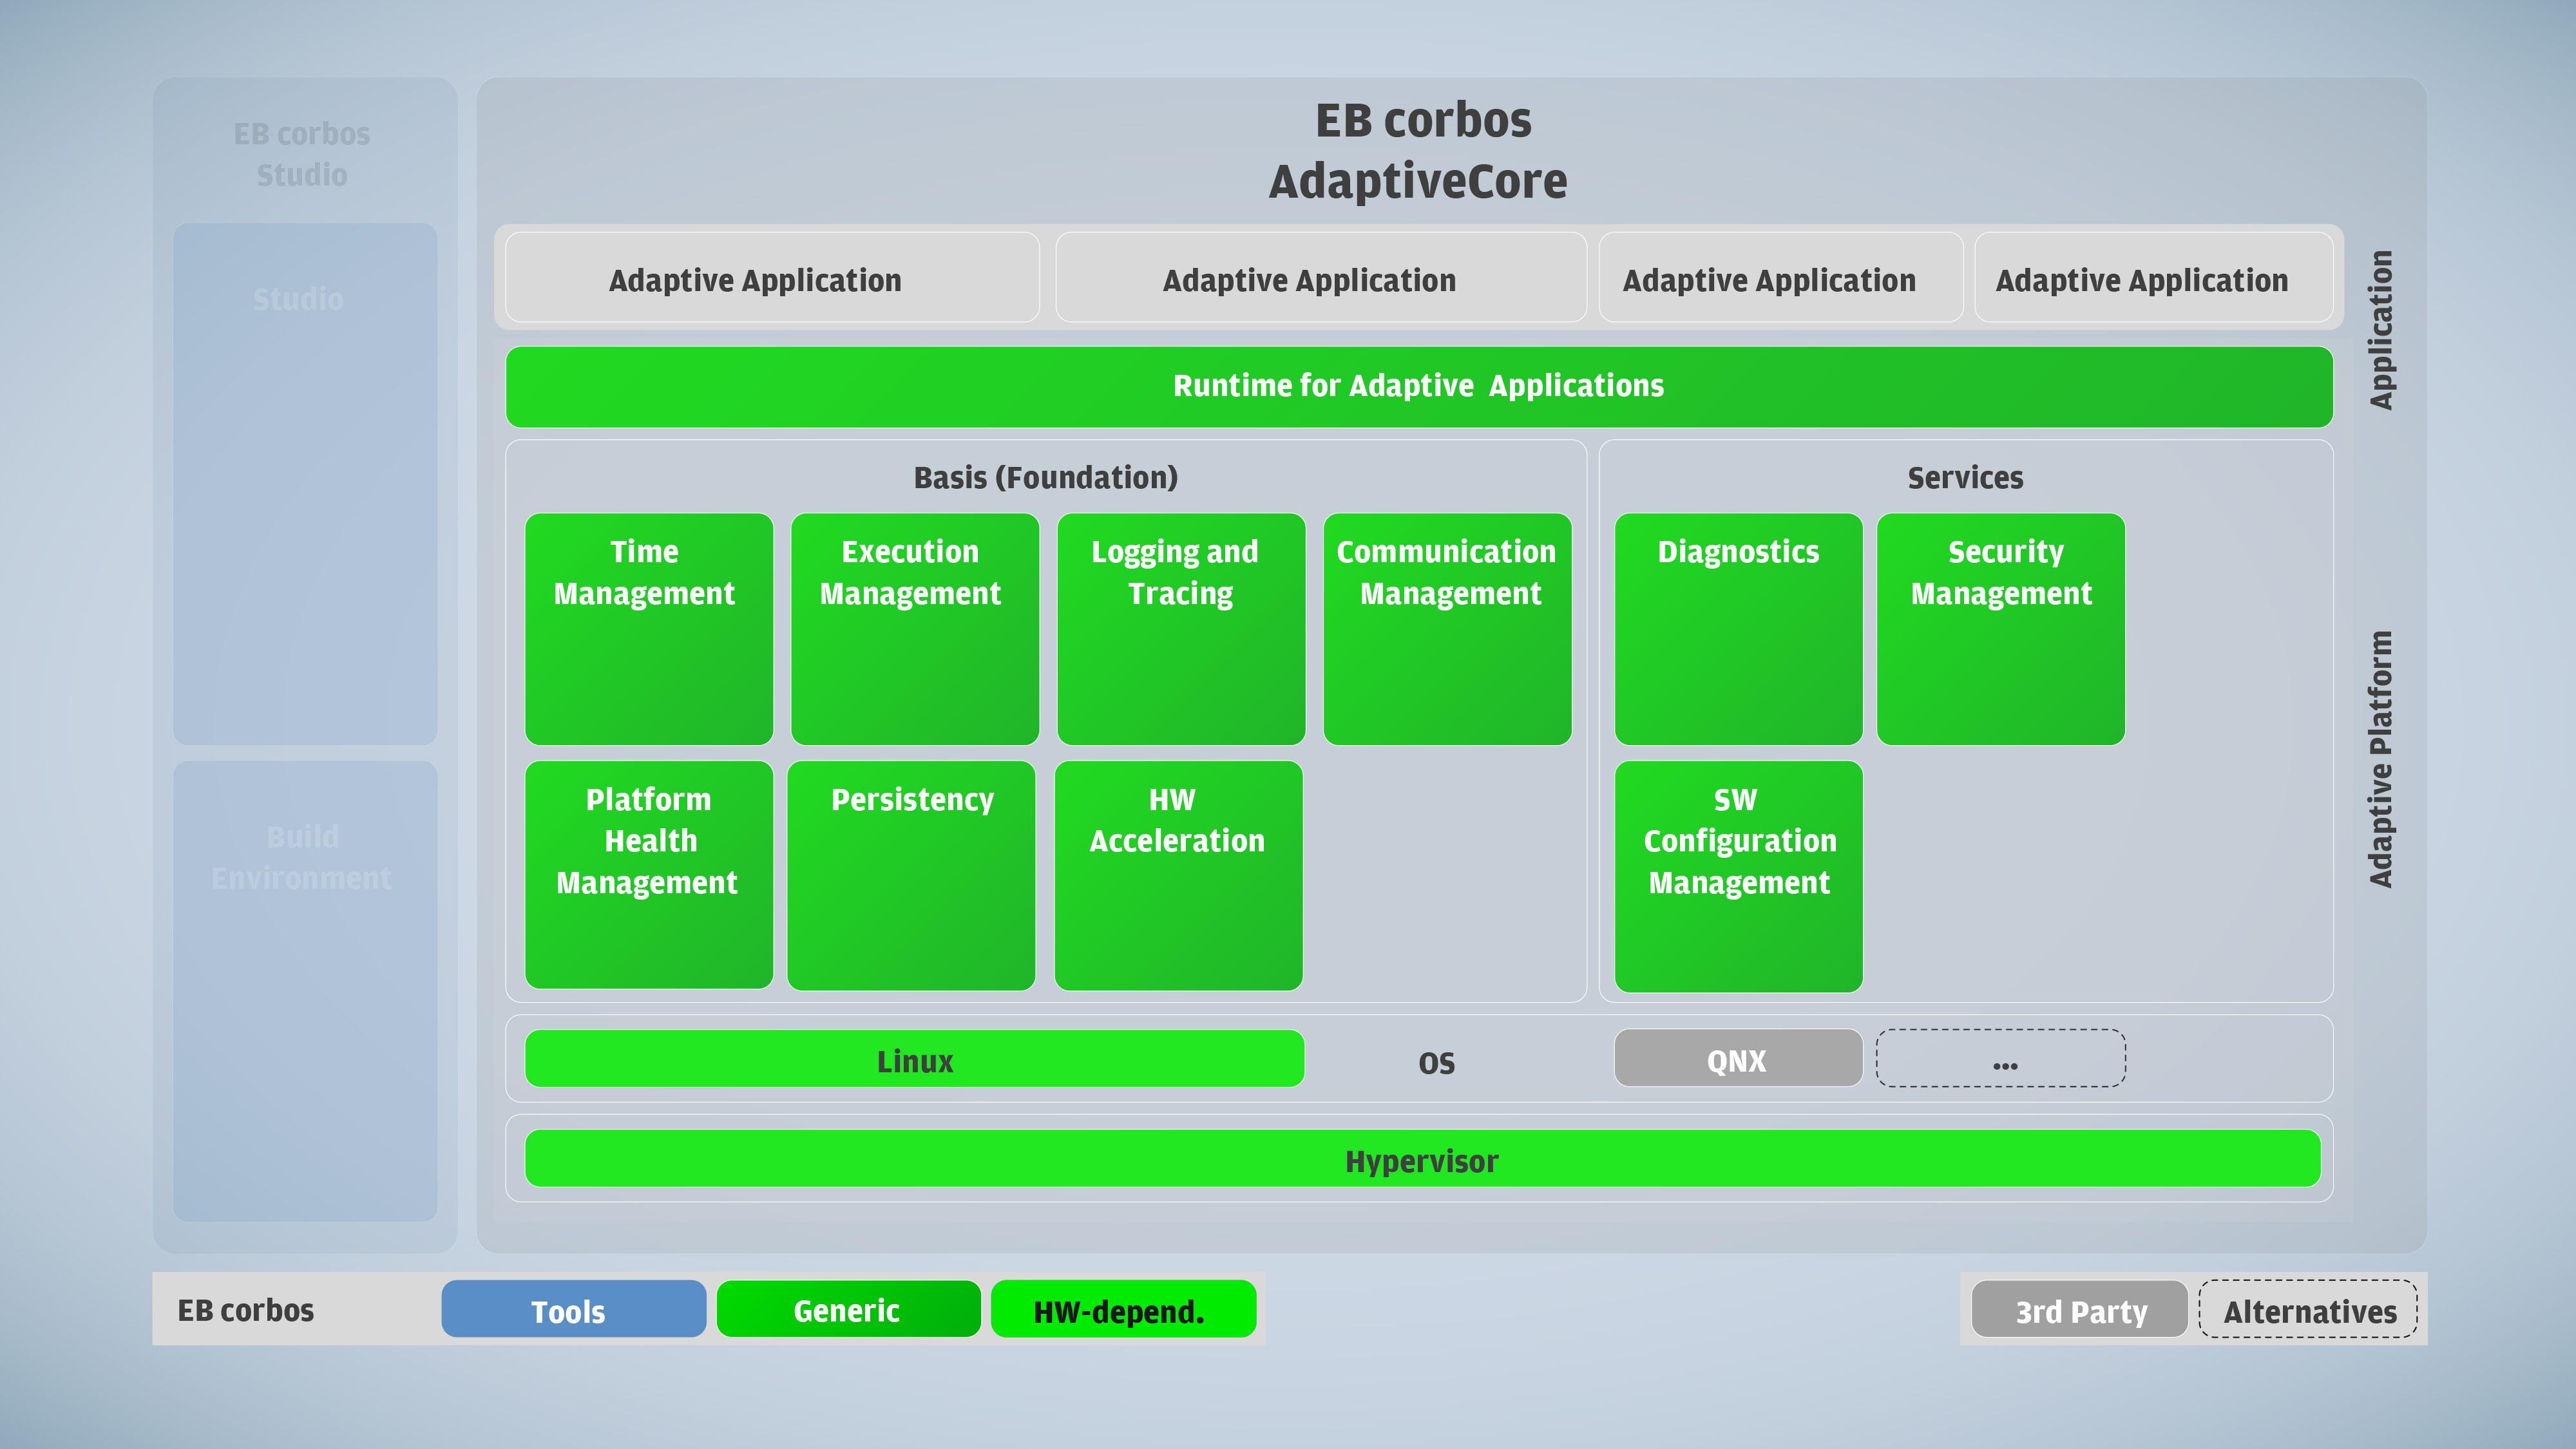 EB corbos AdaptiveCore_A